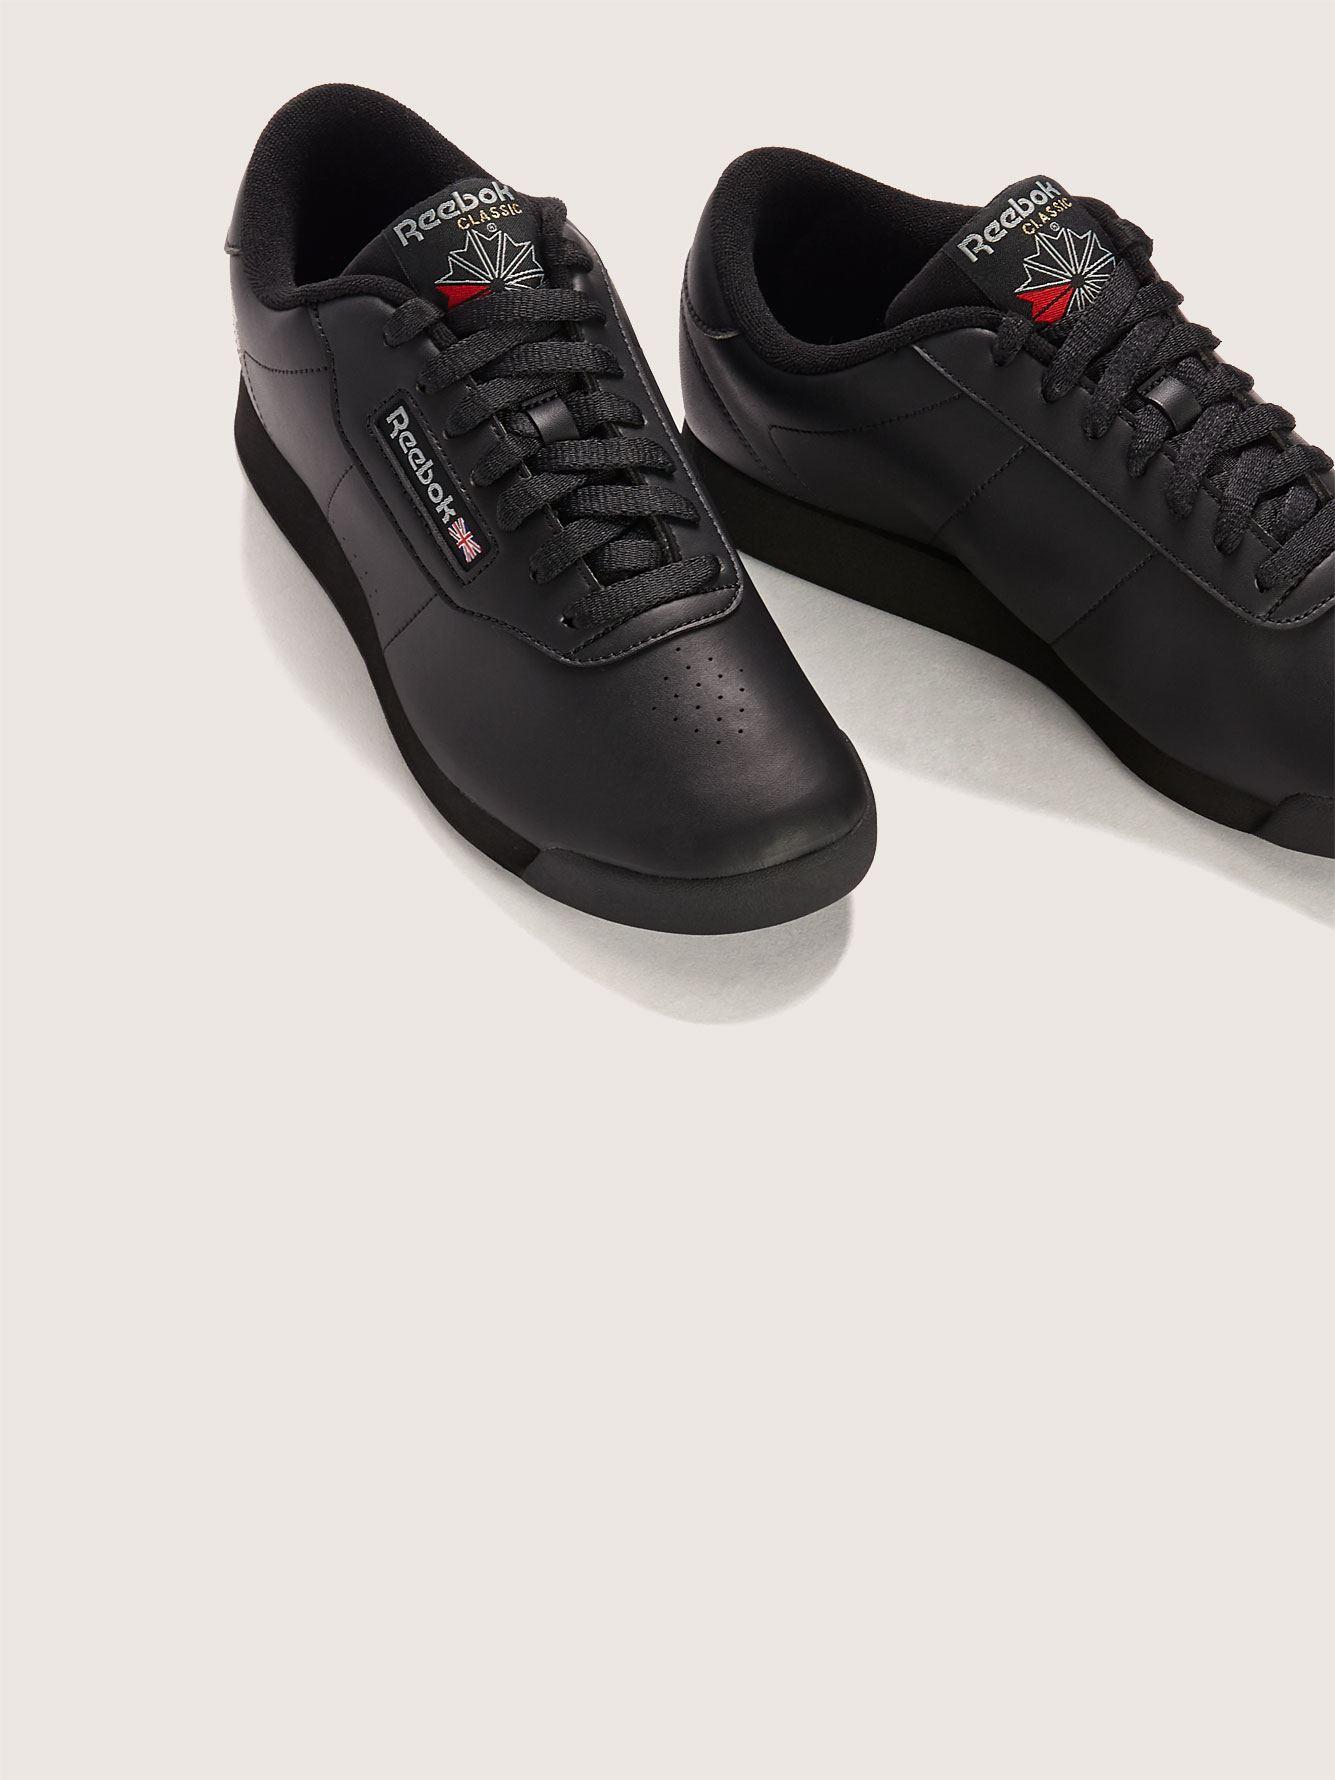 Wide Width Princess Sneakers - Reebok